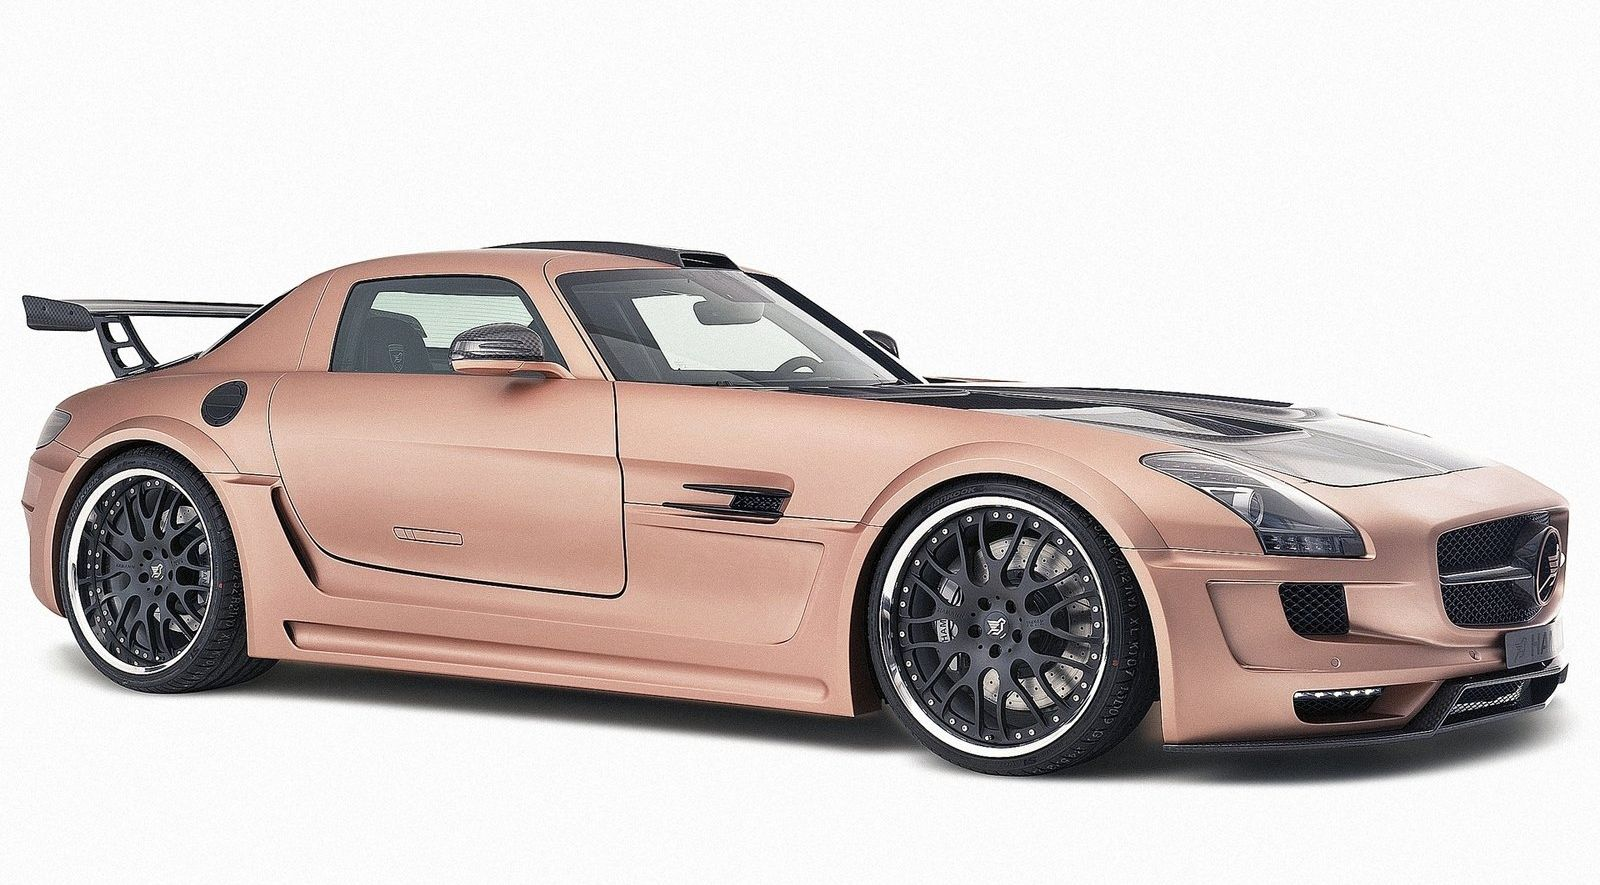 Super Cars News: Mercedes-Benz SLS AMG